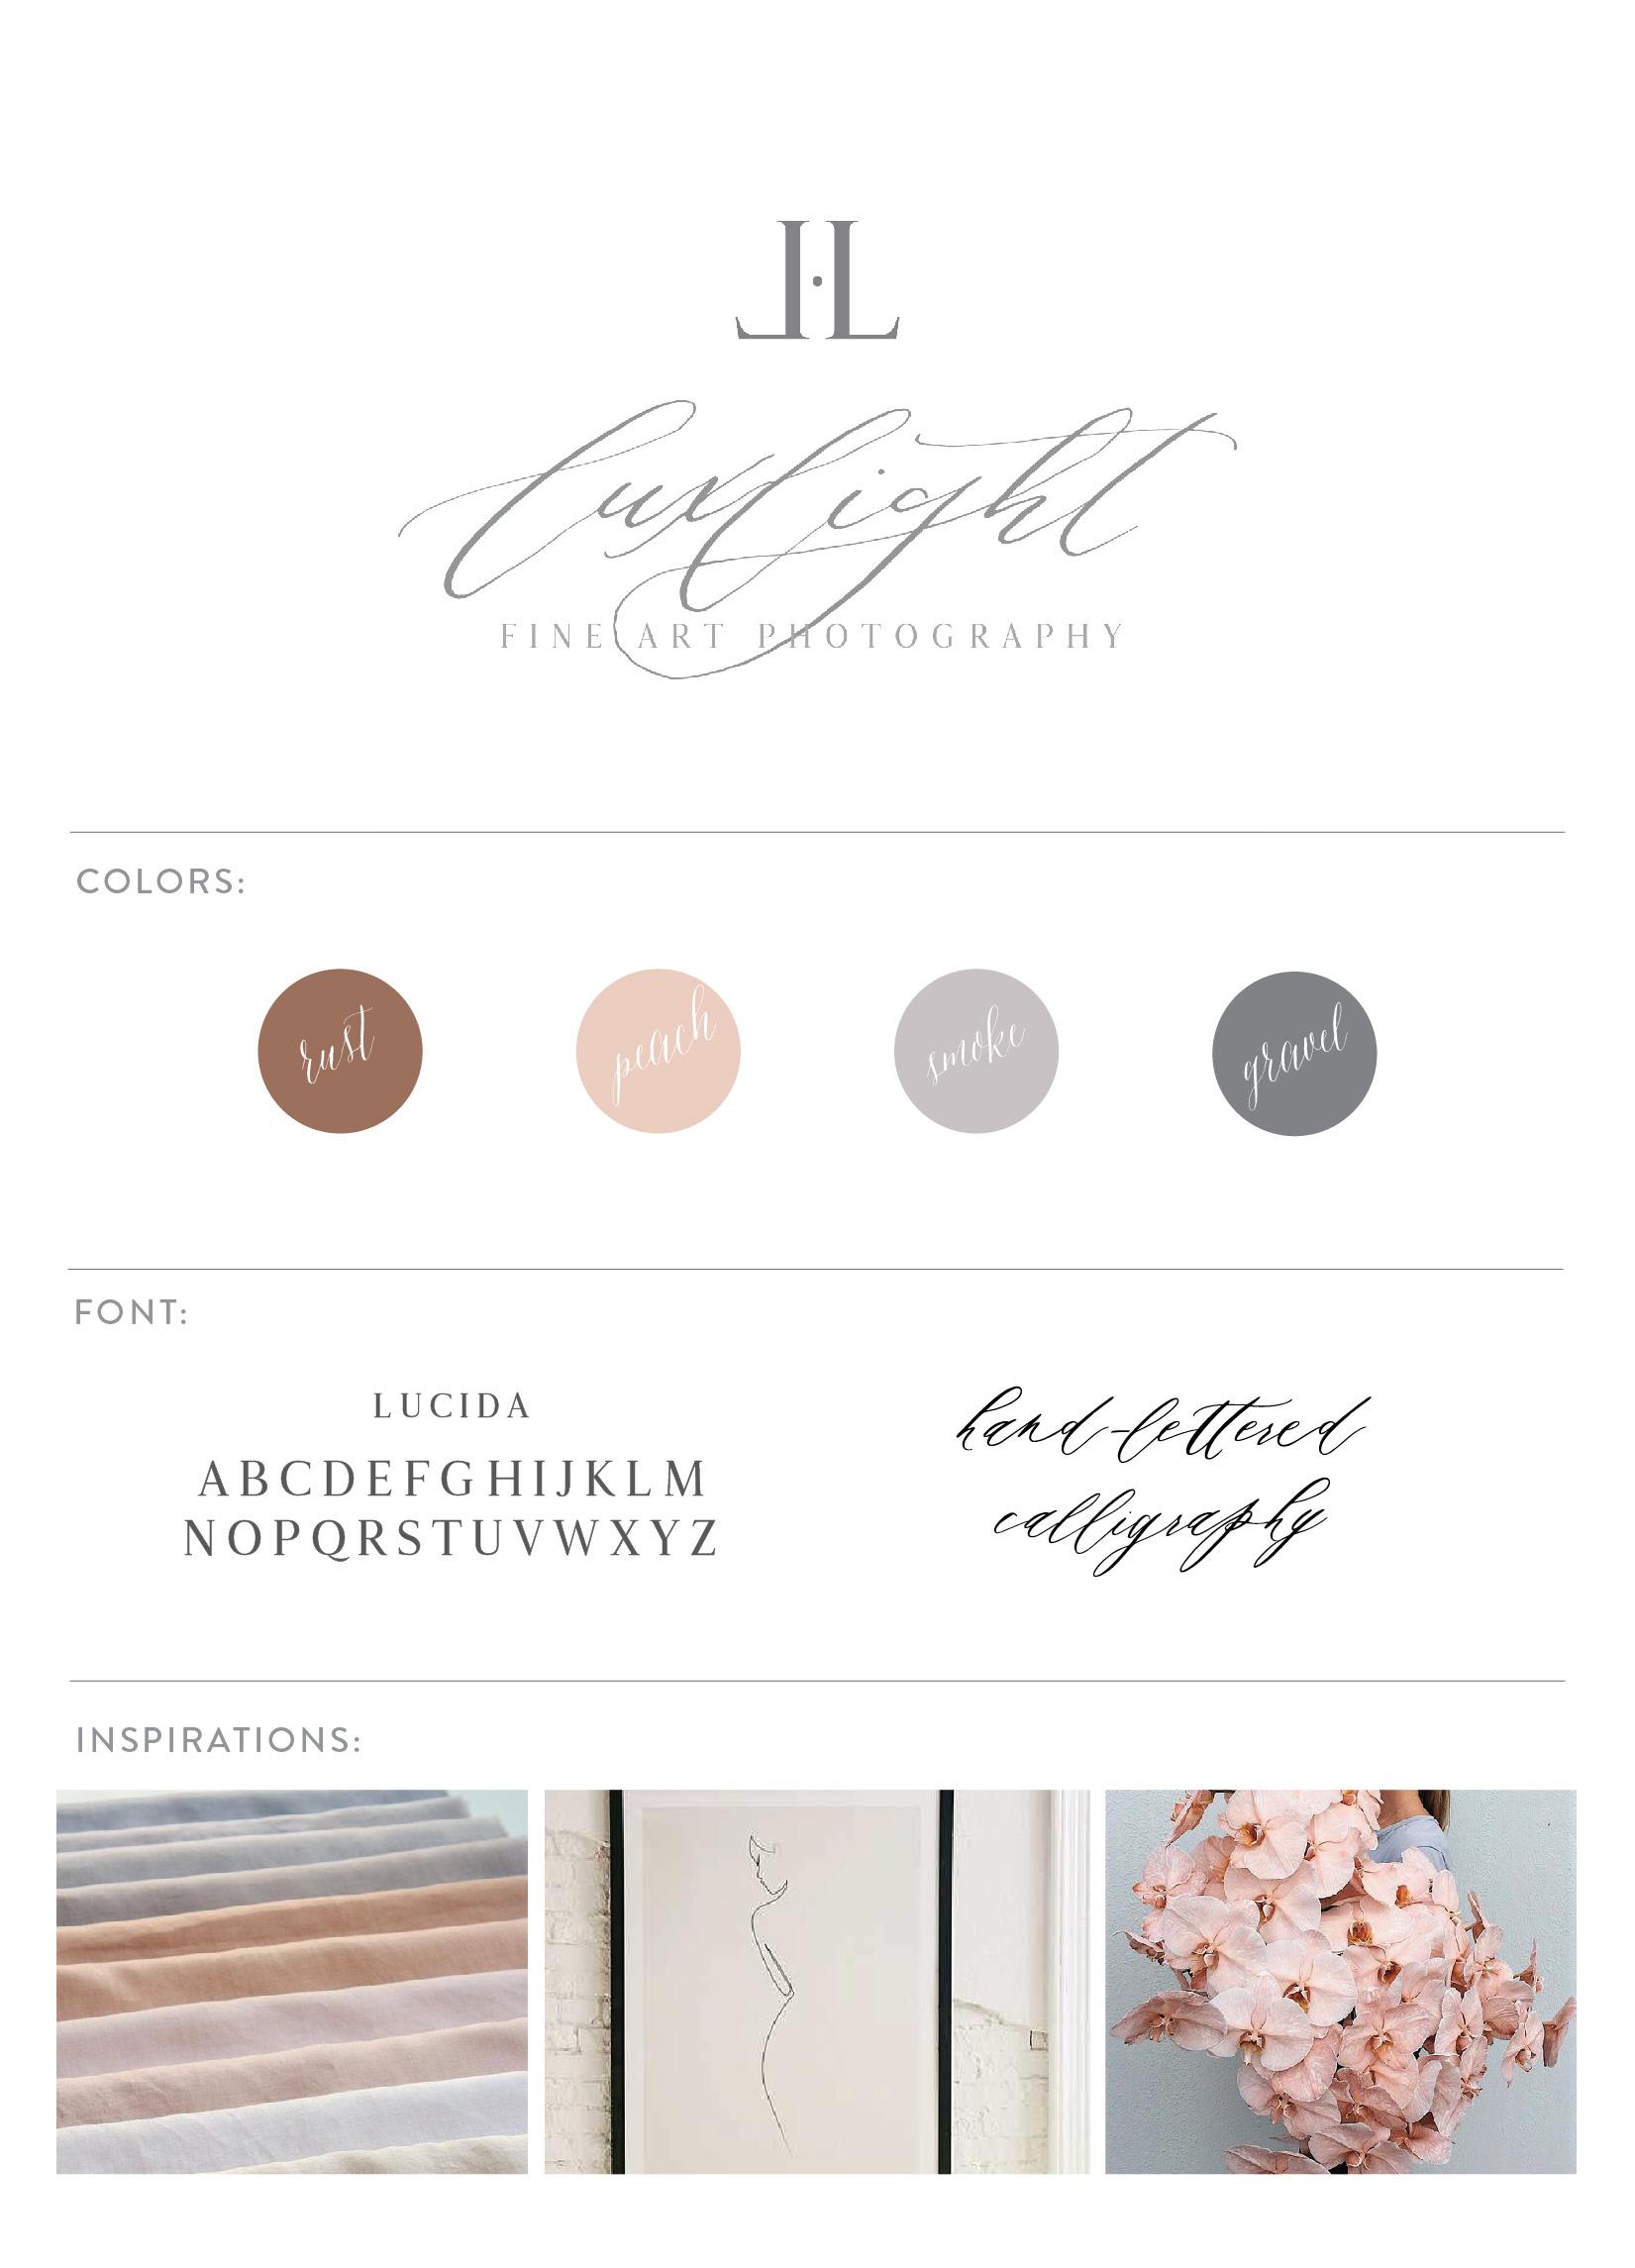 Lande, Melissa - Branding Board 1-01.jpg